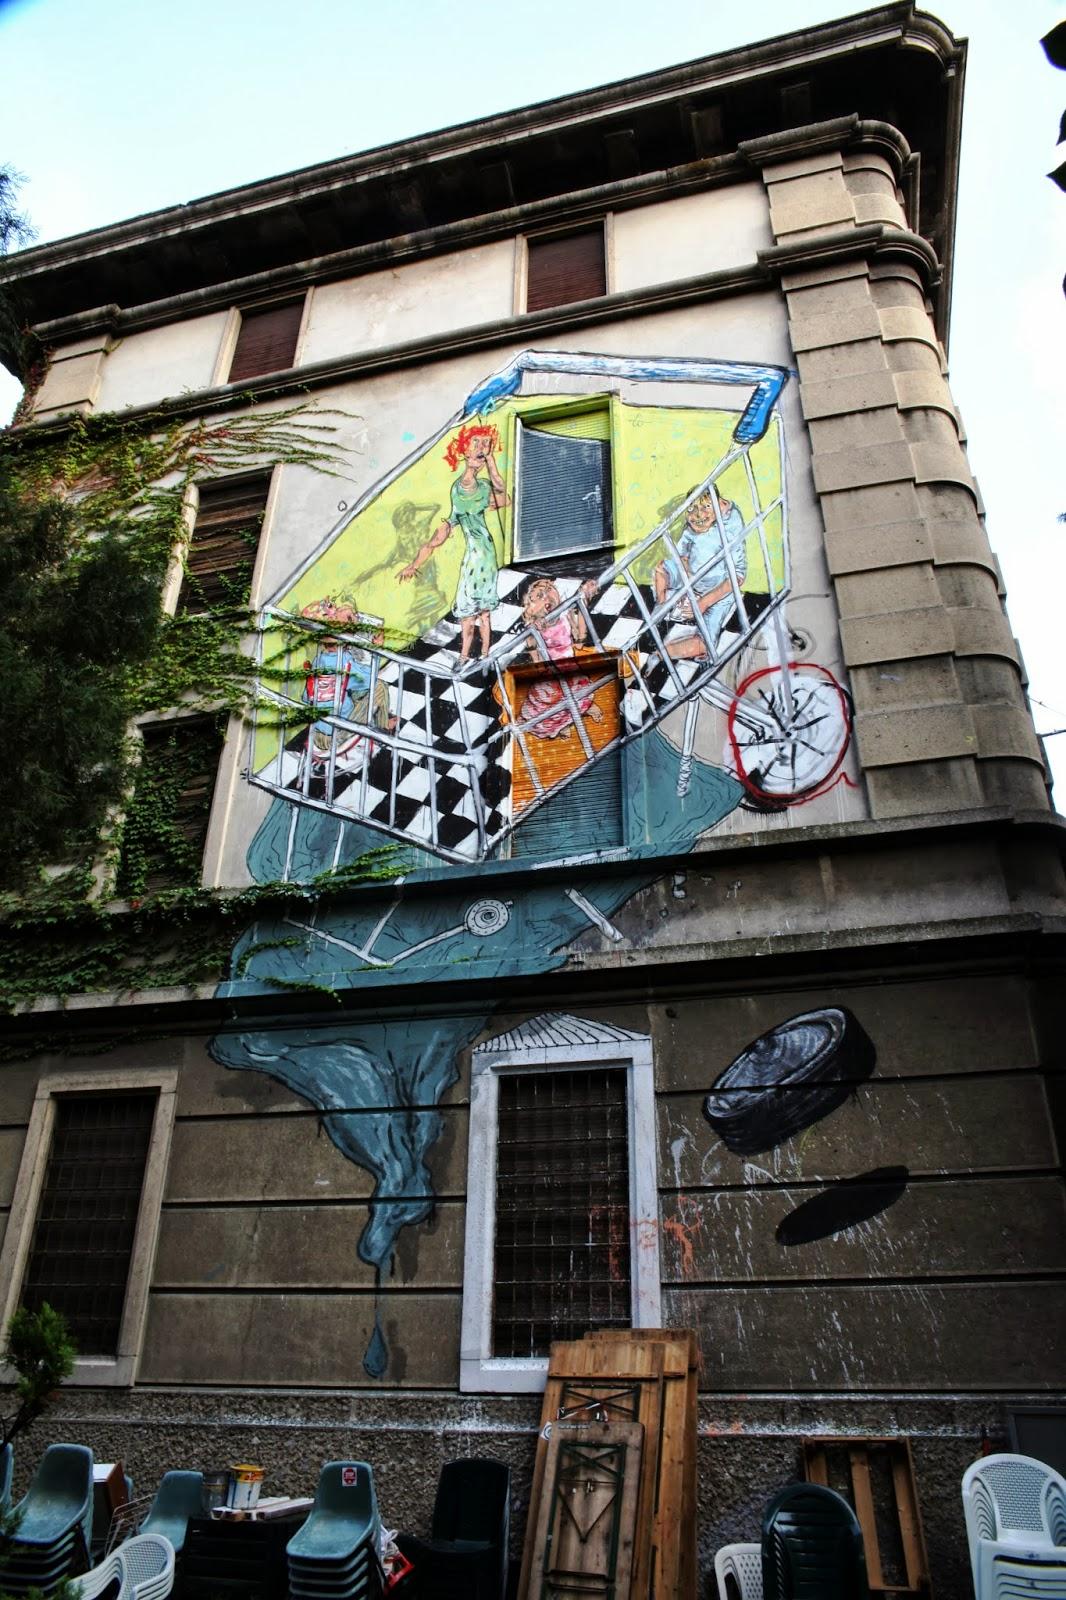 emajons-new-mural-at-spazio-mutuo-soccorso-00